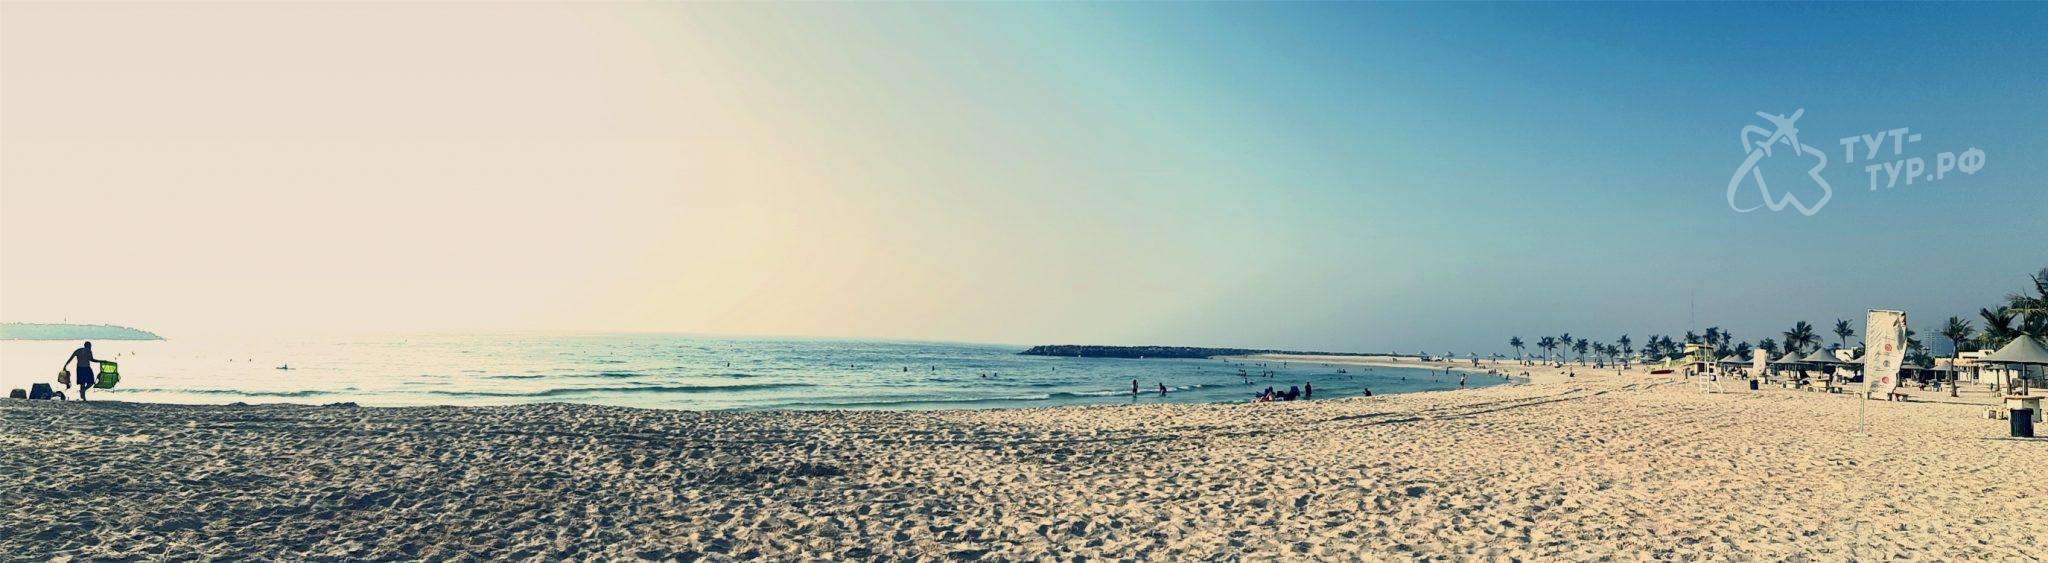 Панорамный вид на пляж в комплексе Al Mamzar